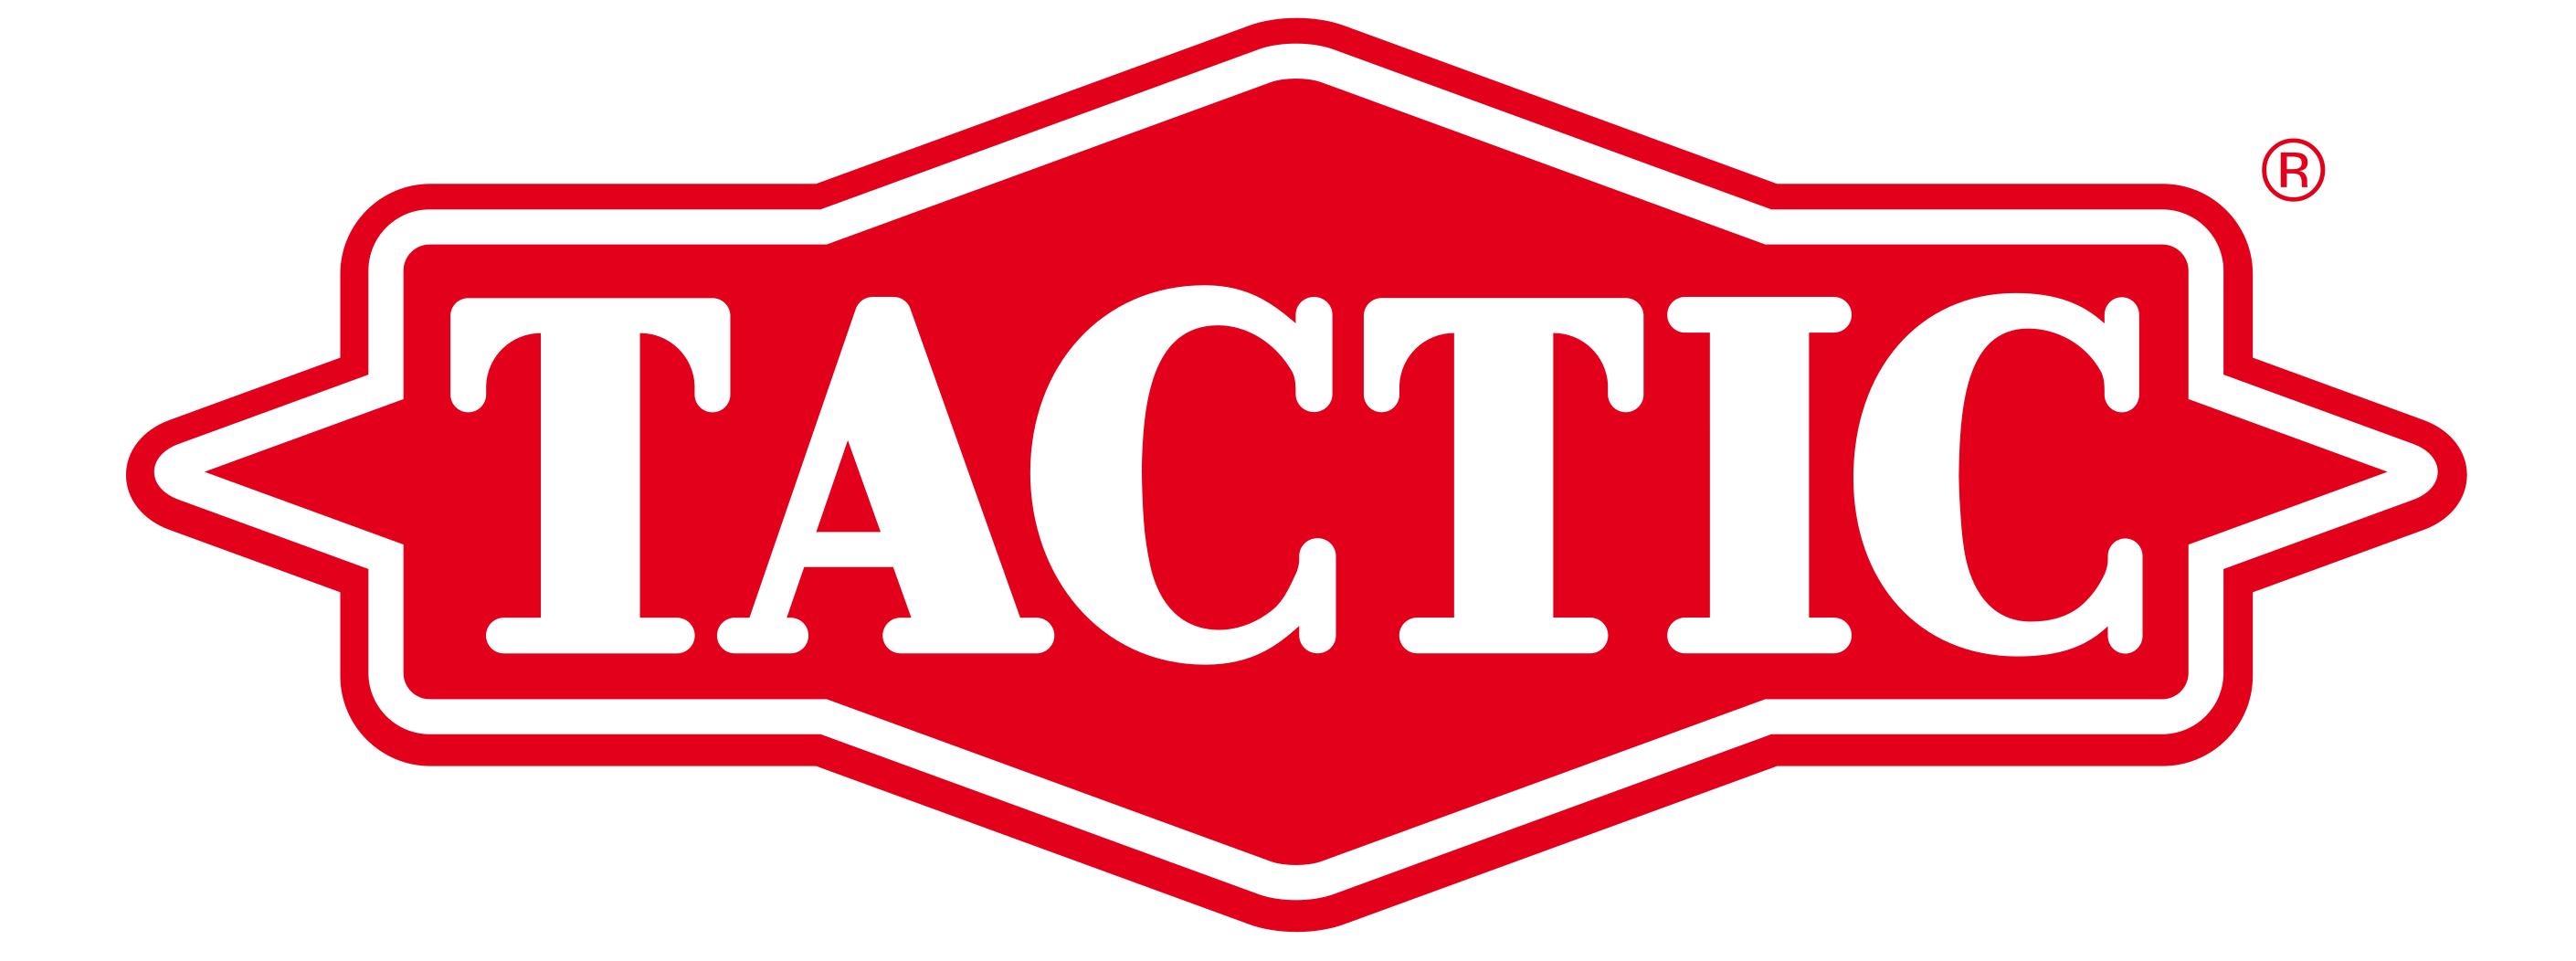 tacticsmall